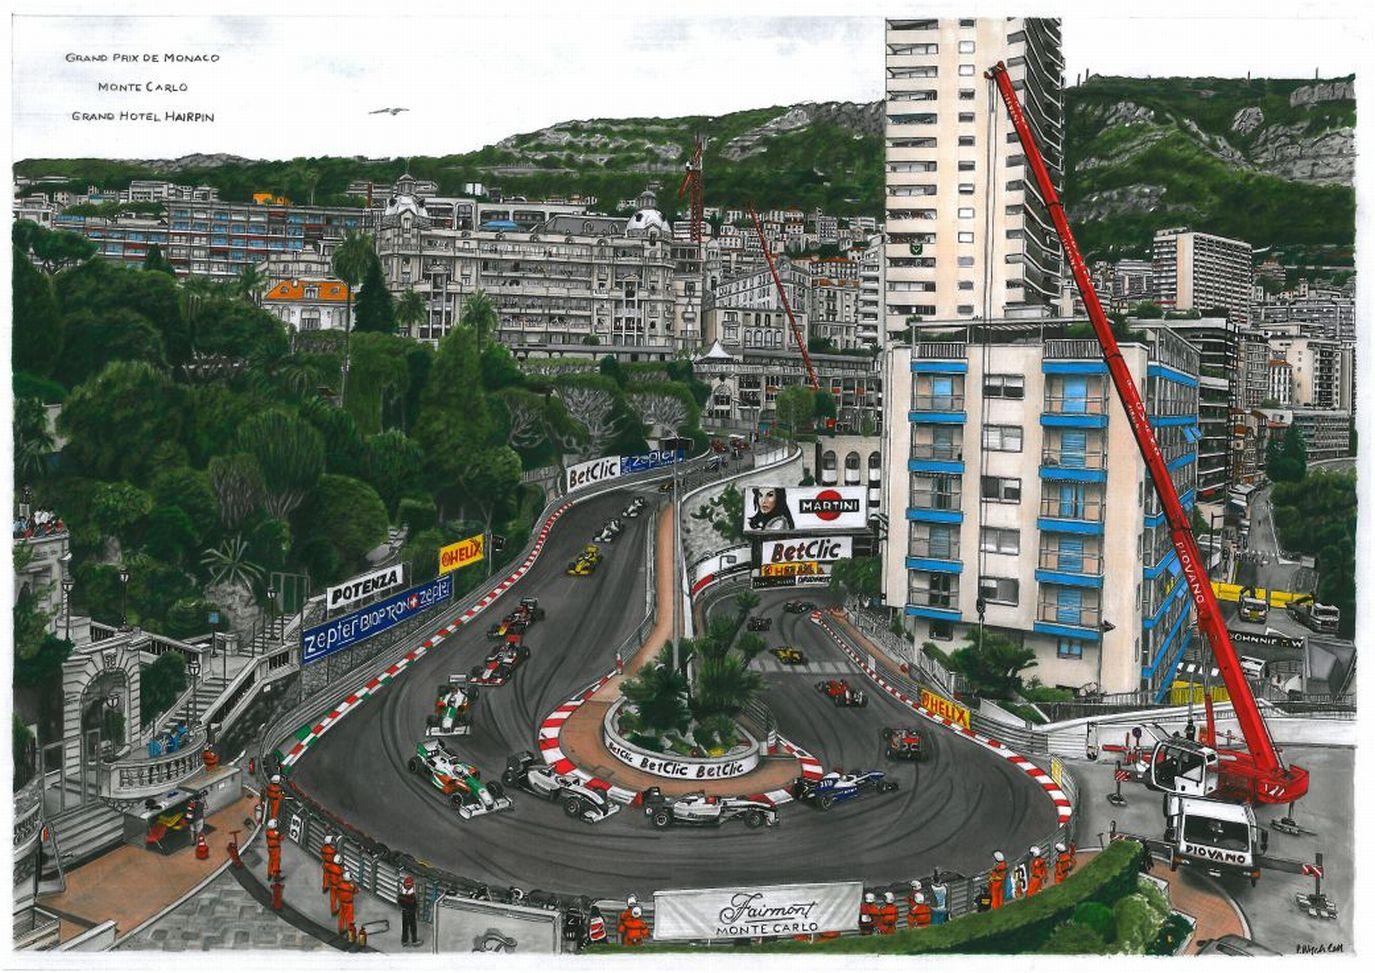 GP Monaco 2010 by przemus